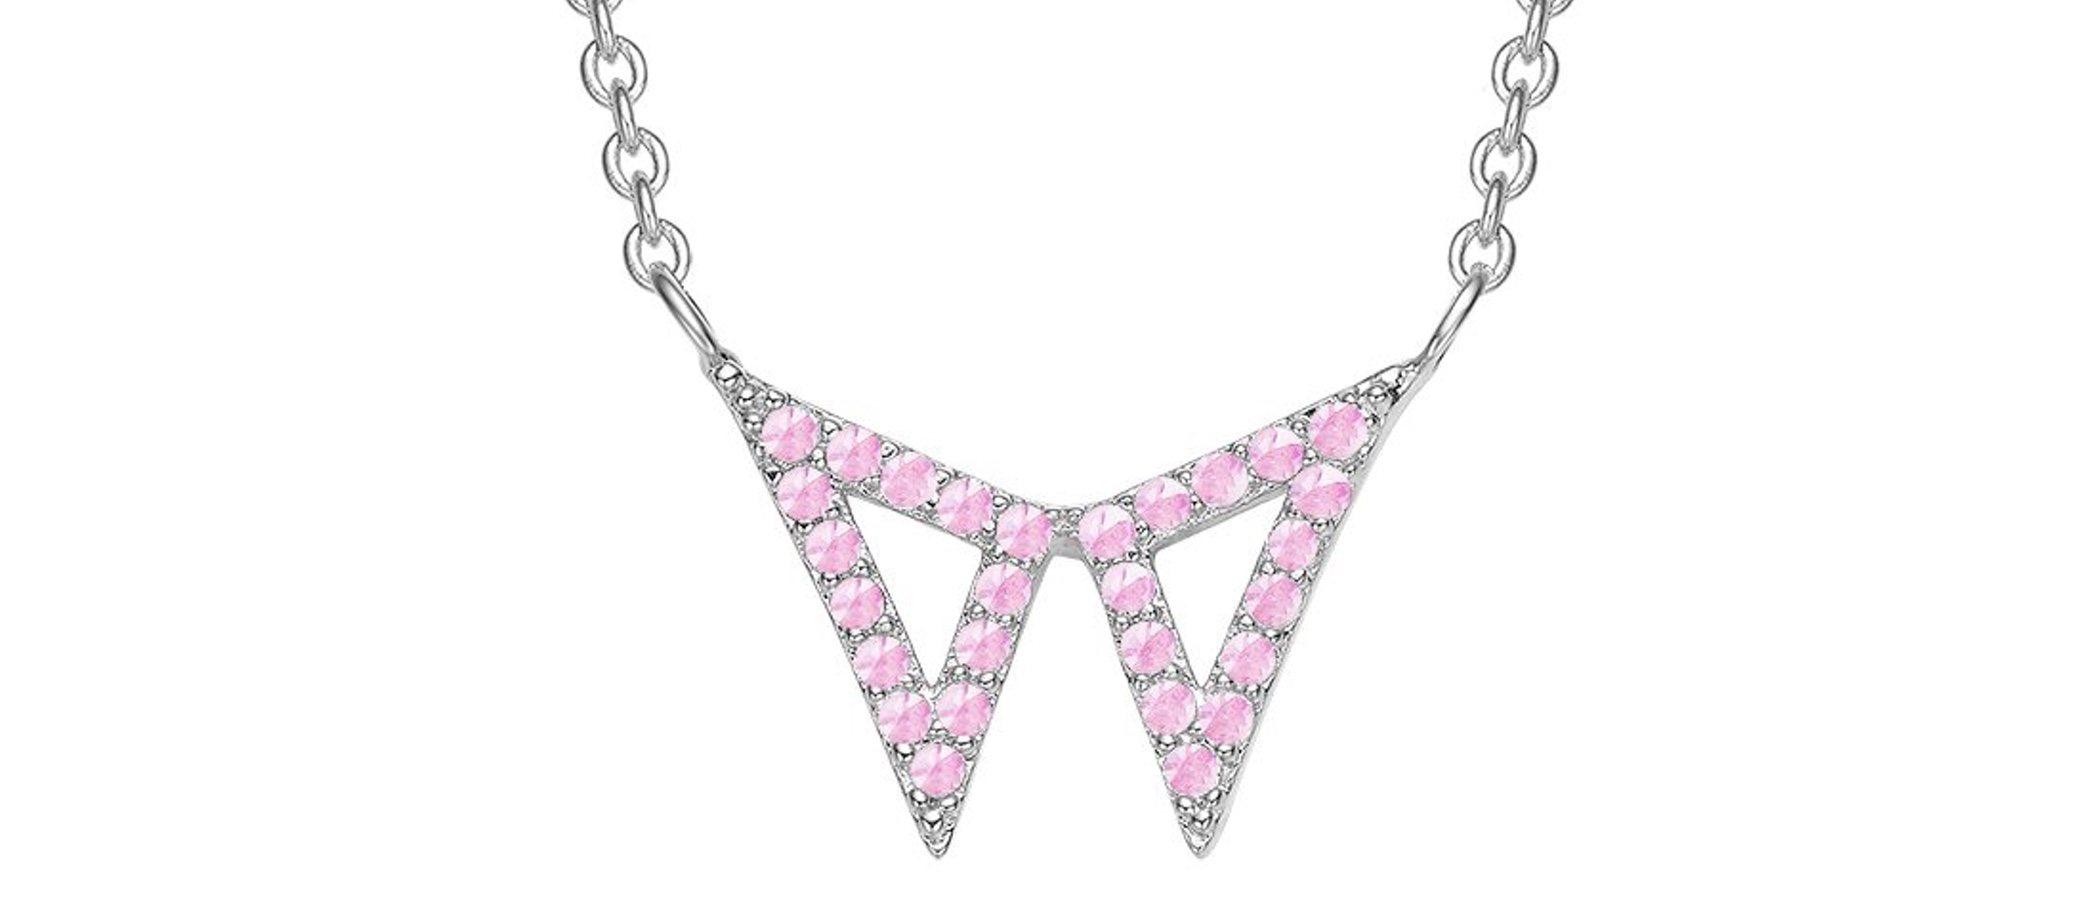 Apodemia se tiñe de rosa para apoyar la lucha contra el cáncer de mama